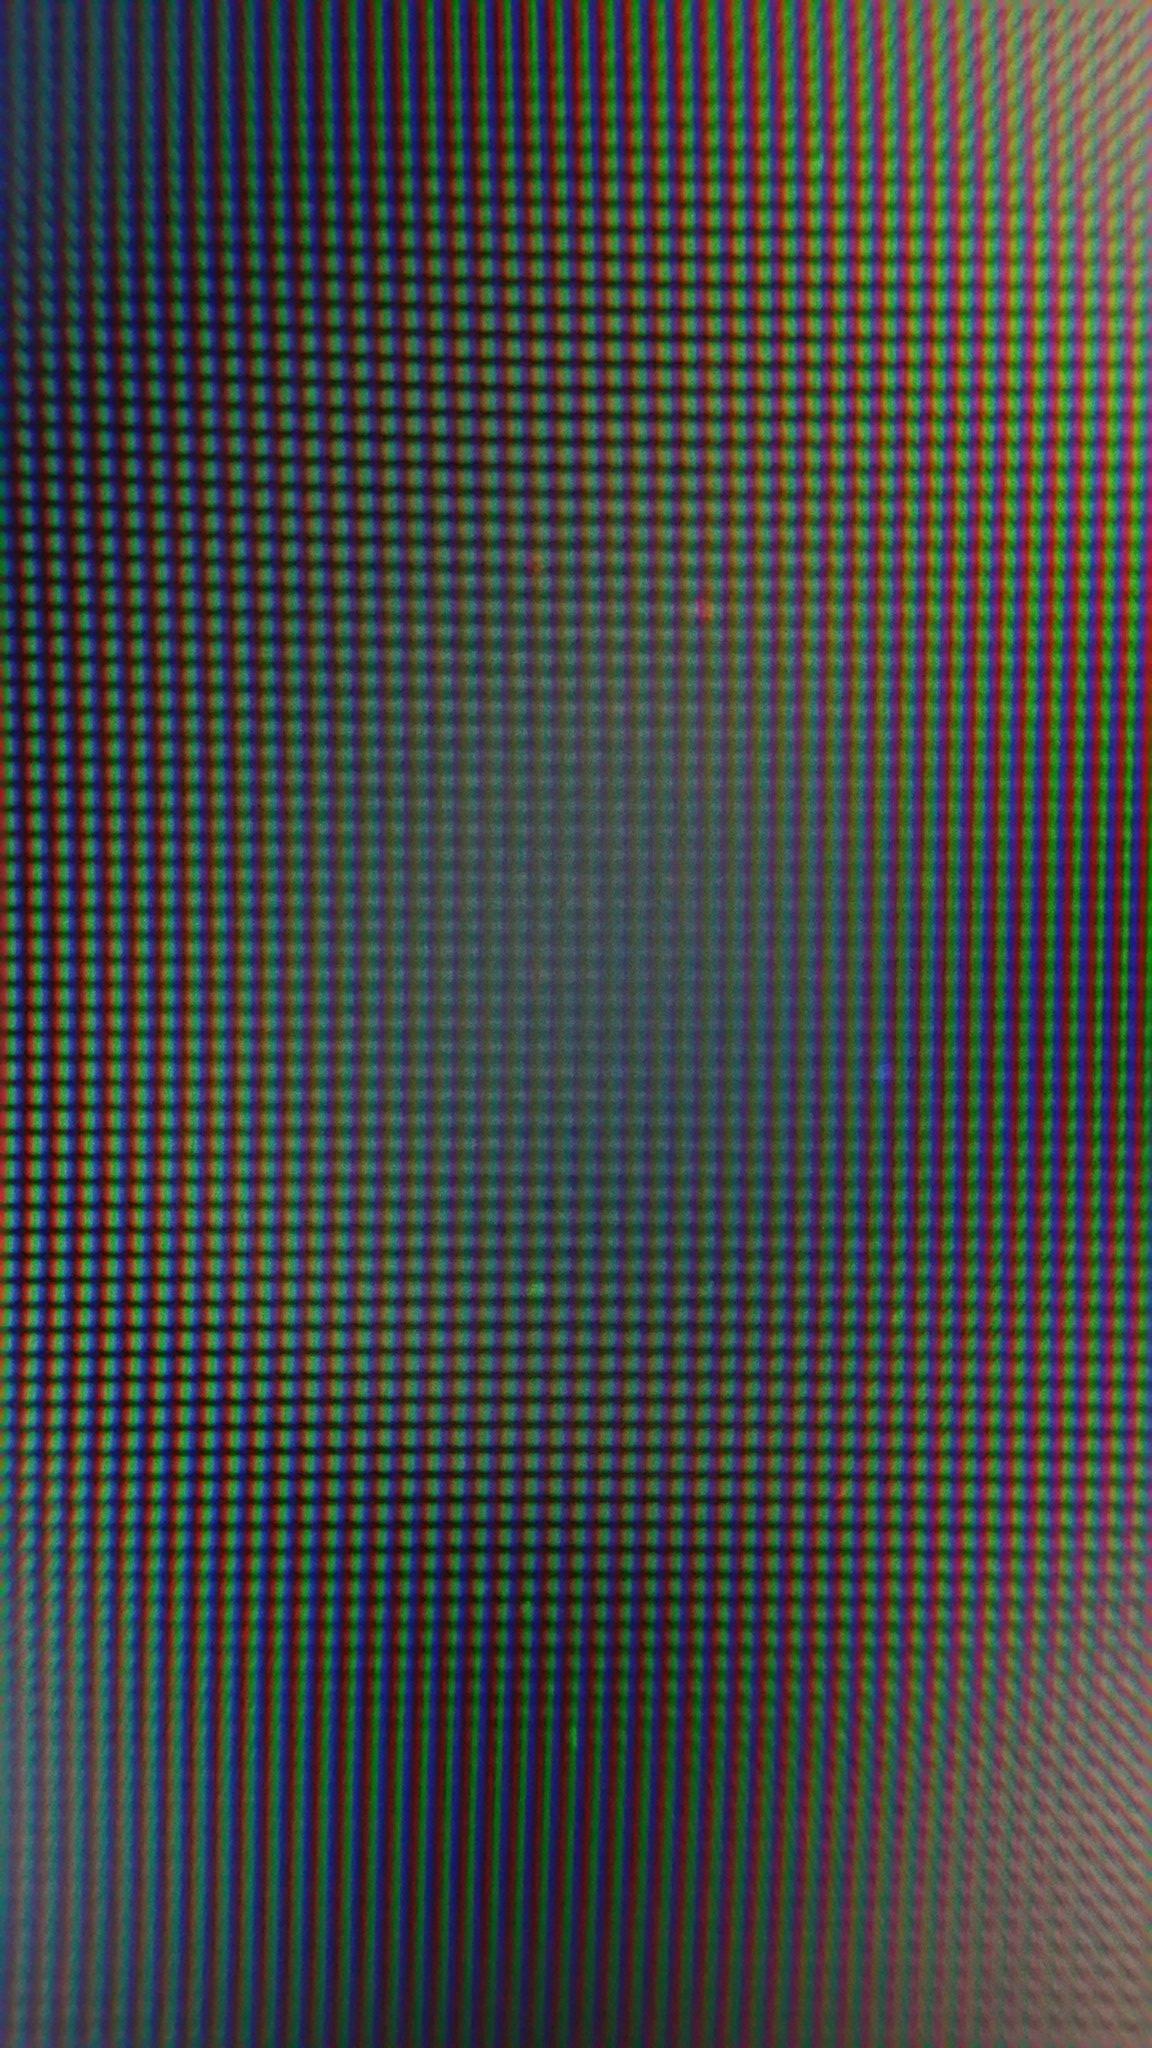 17205242976_c8988c0bfb_k_d.jpg